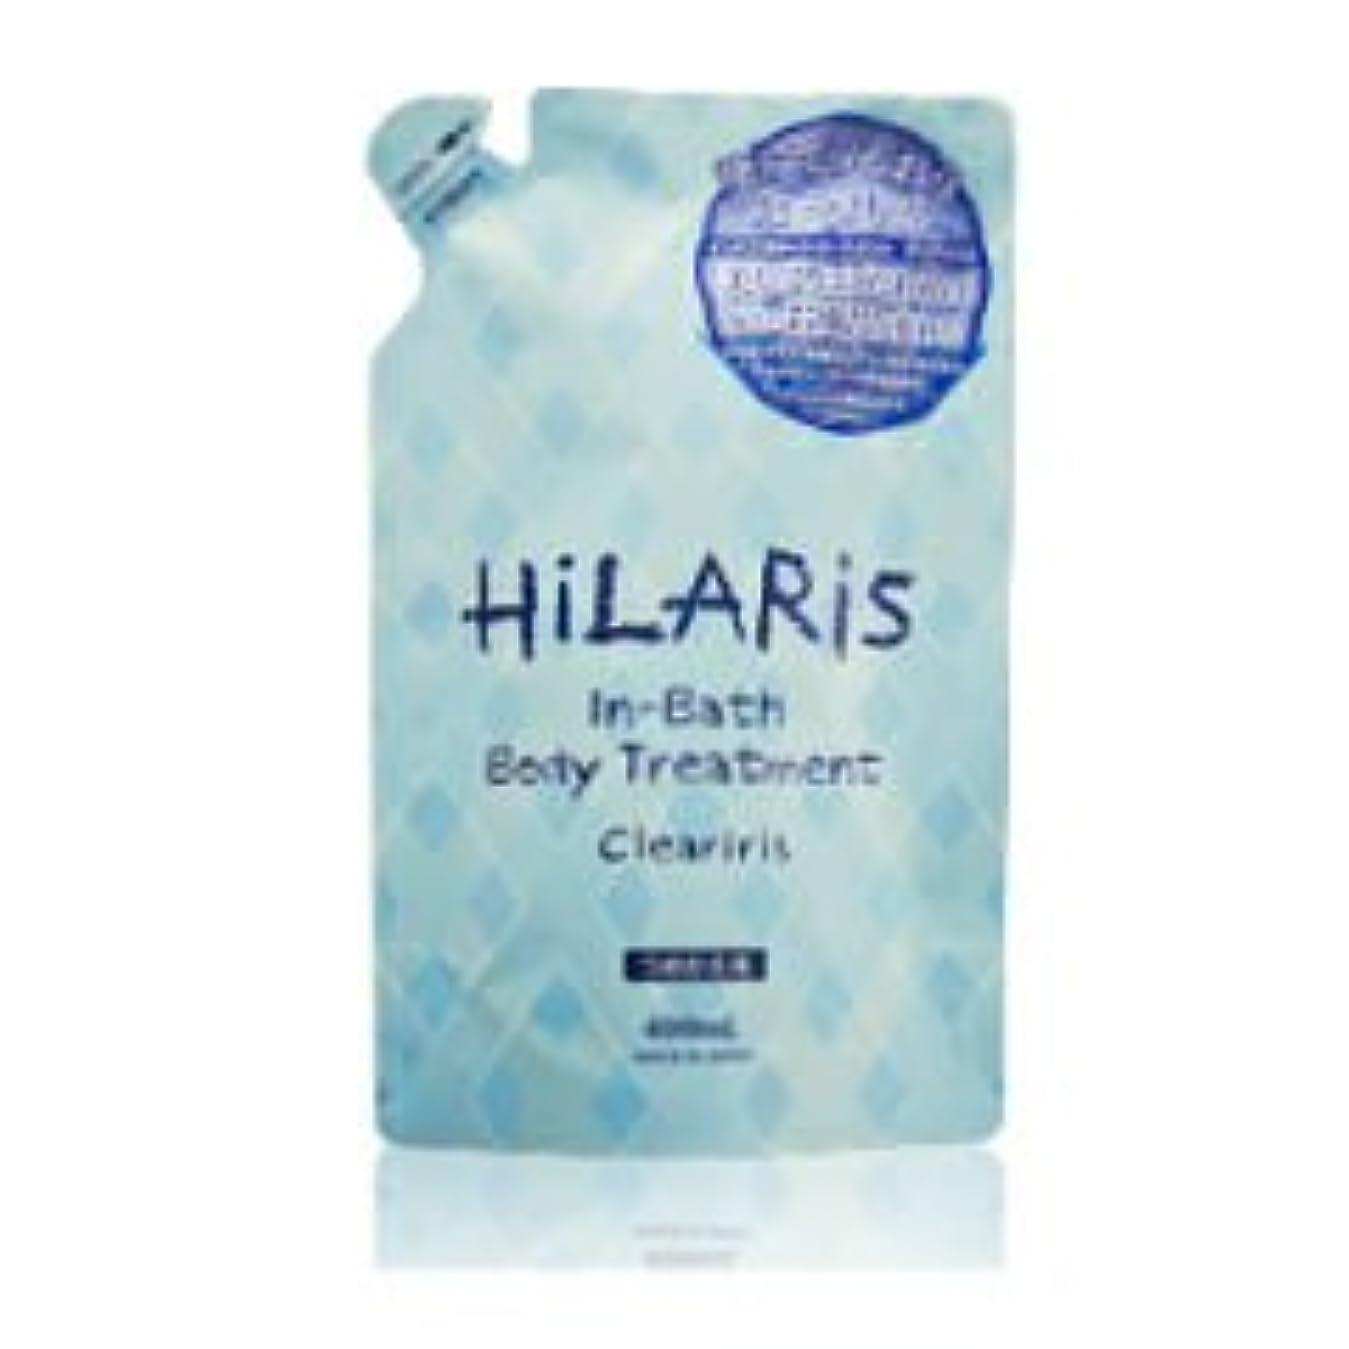 撃退するゴミ確認してくださいヒラリス(HiLARiS)クリアイリスインバスボディトリートメント詰替